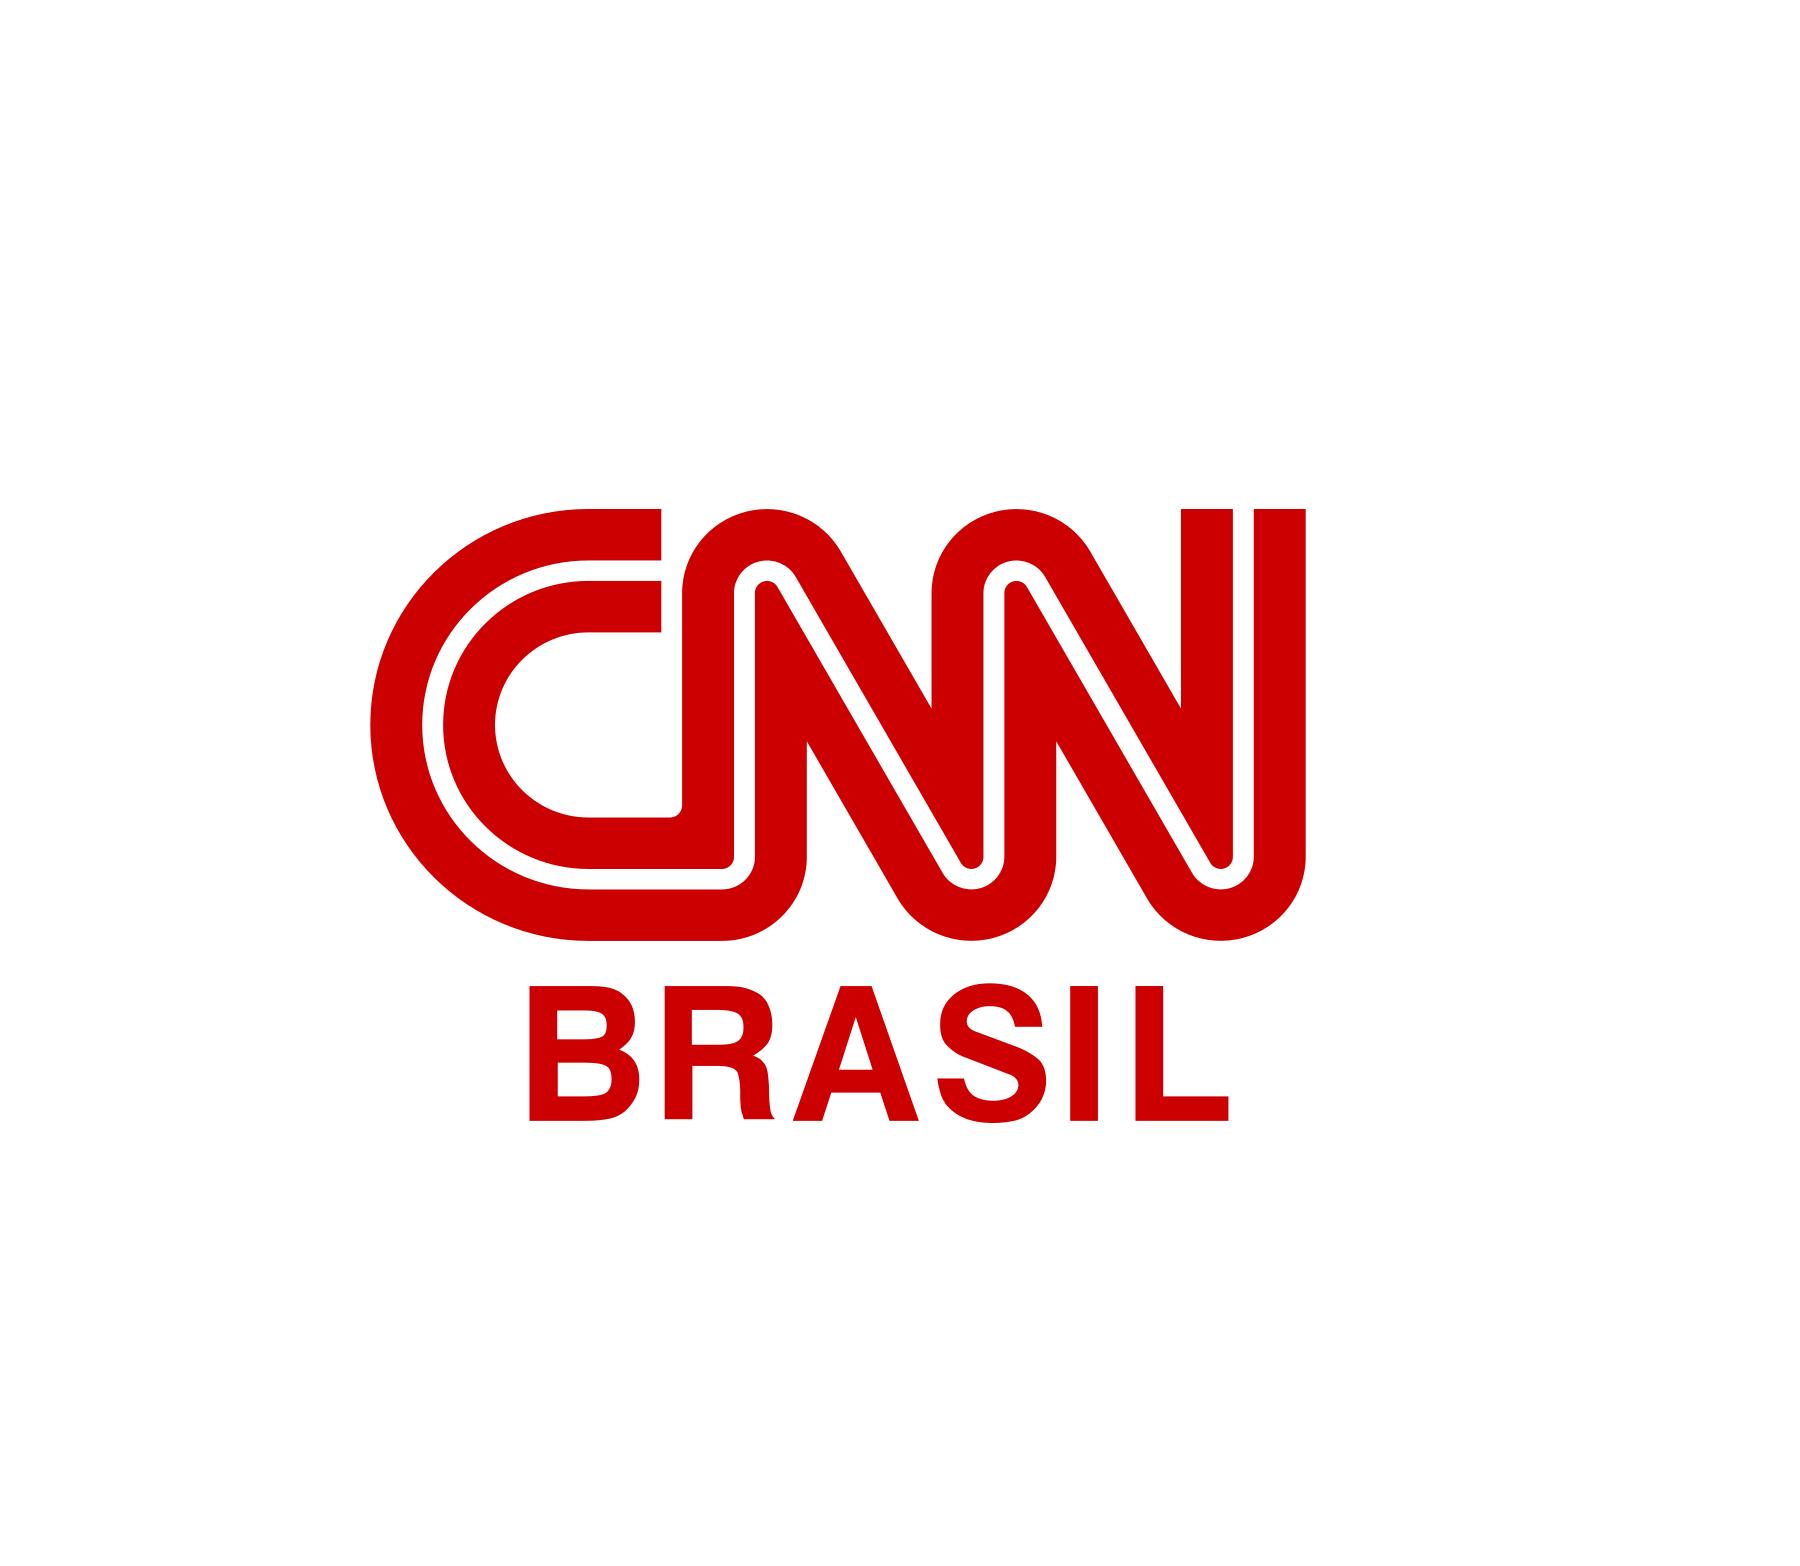 1200px-CNN_Brasil.svg